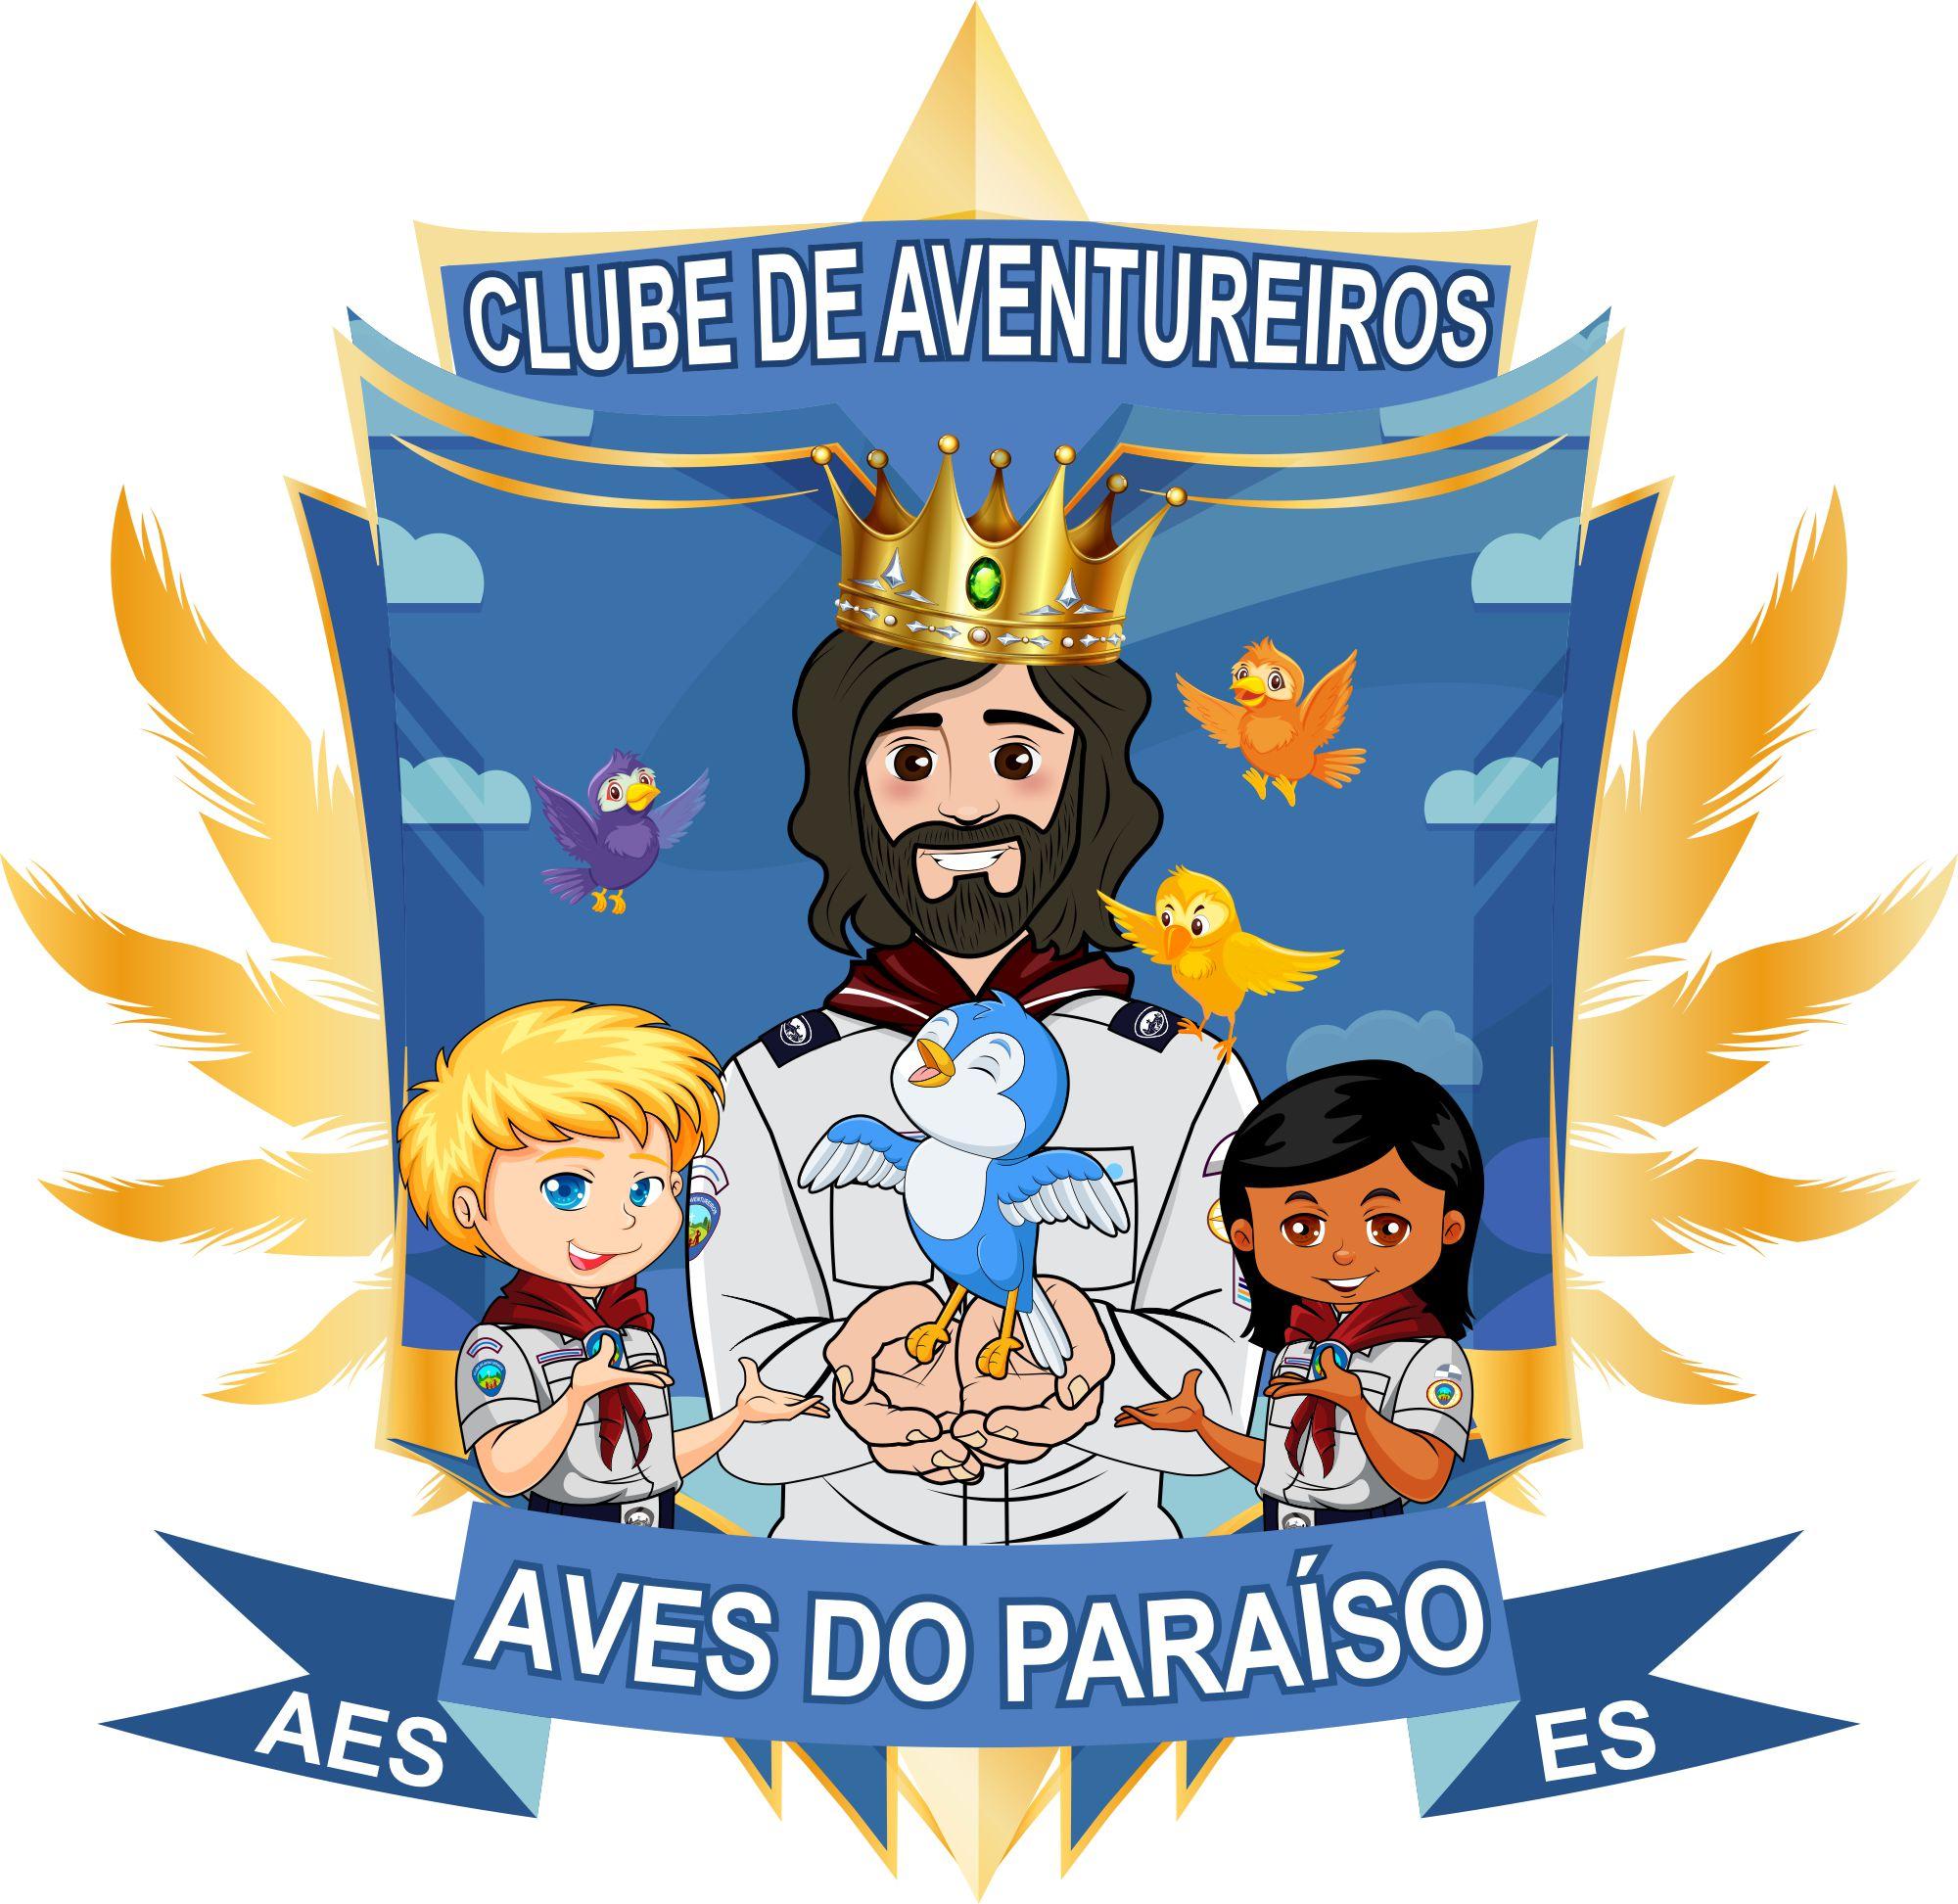 Ave do Paraiso - AV